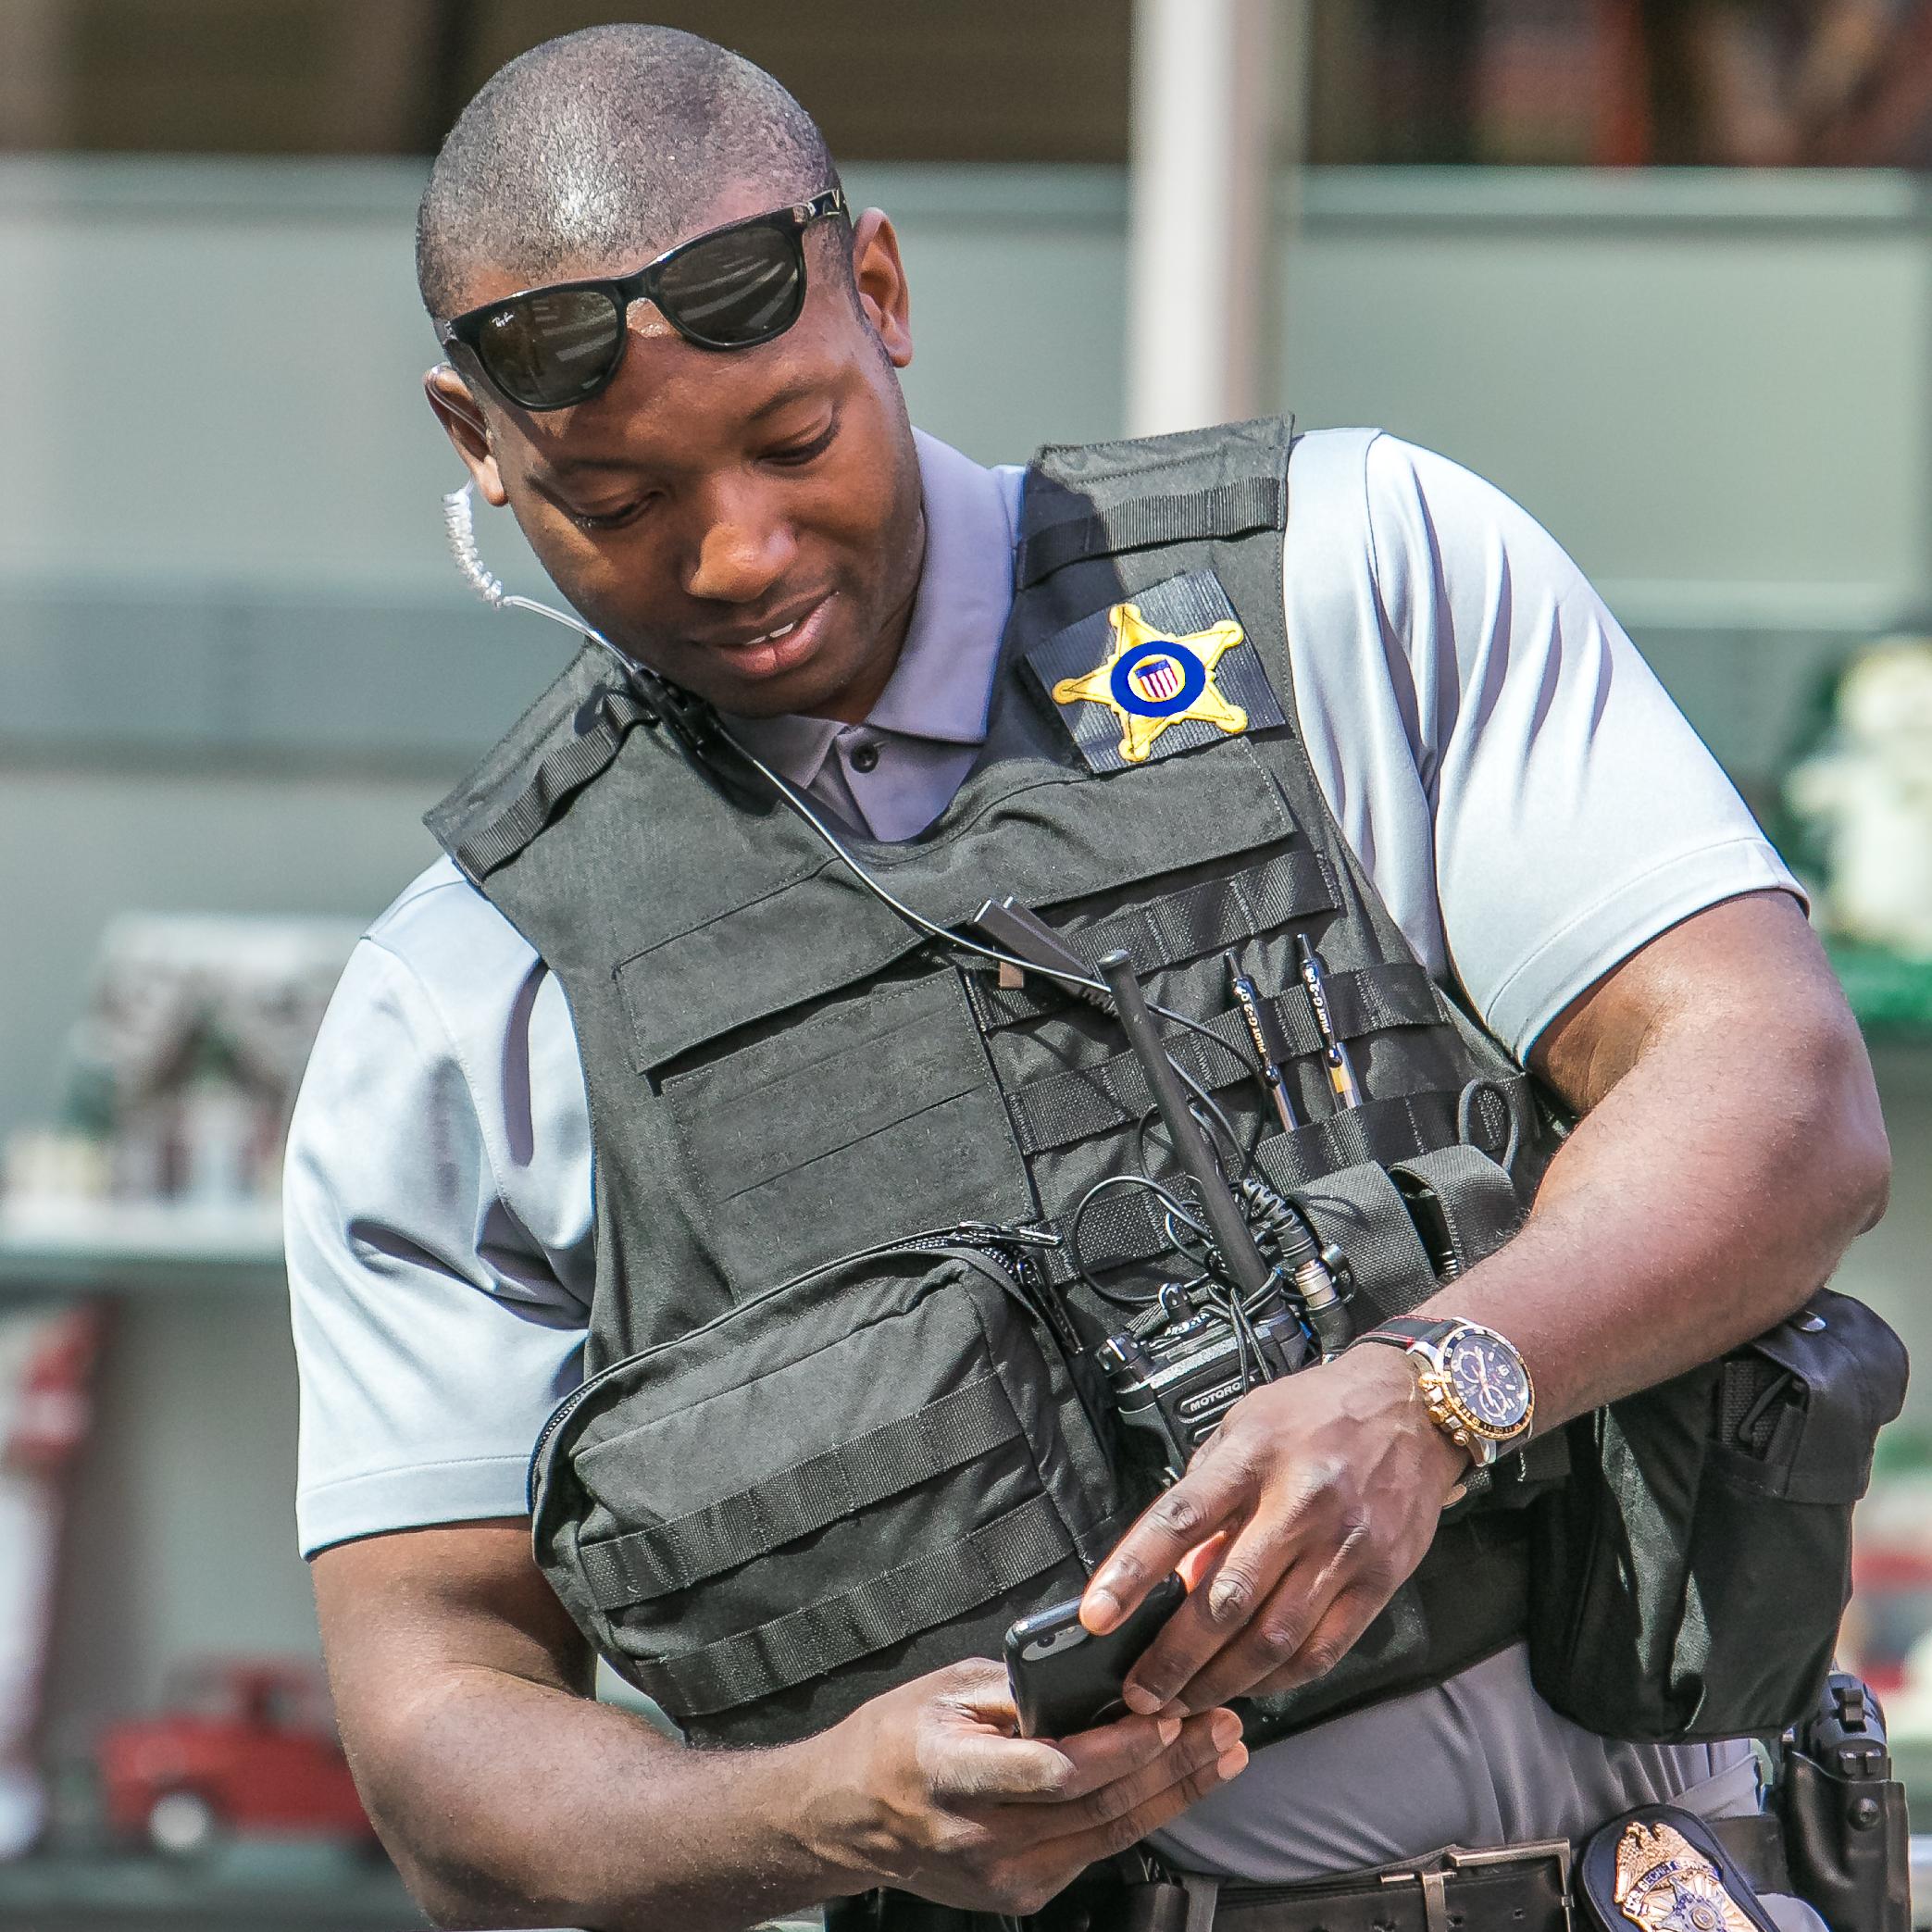 Officer Mobile